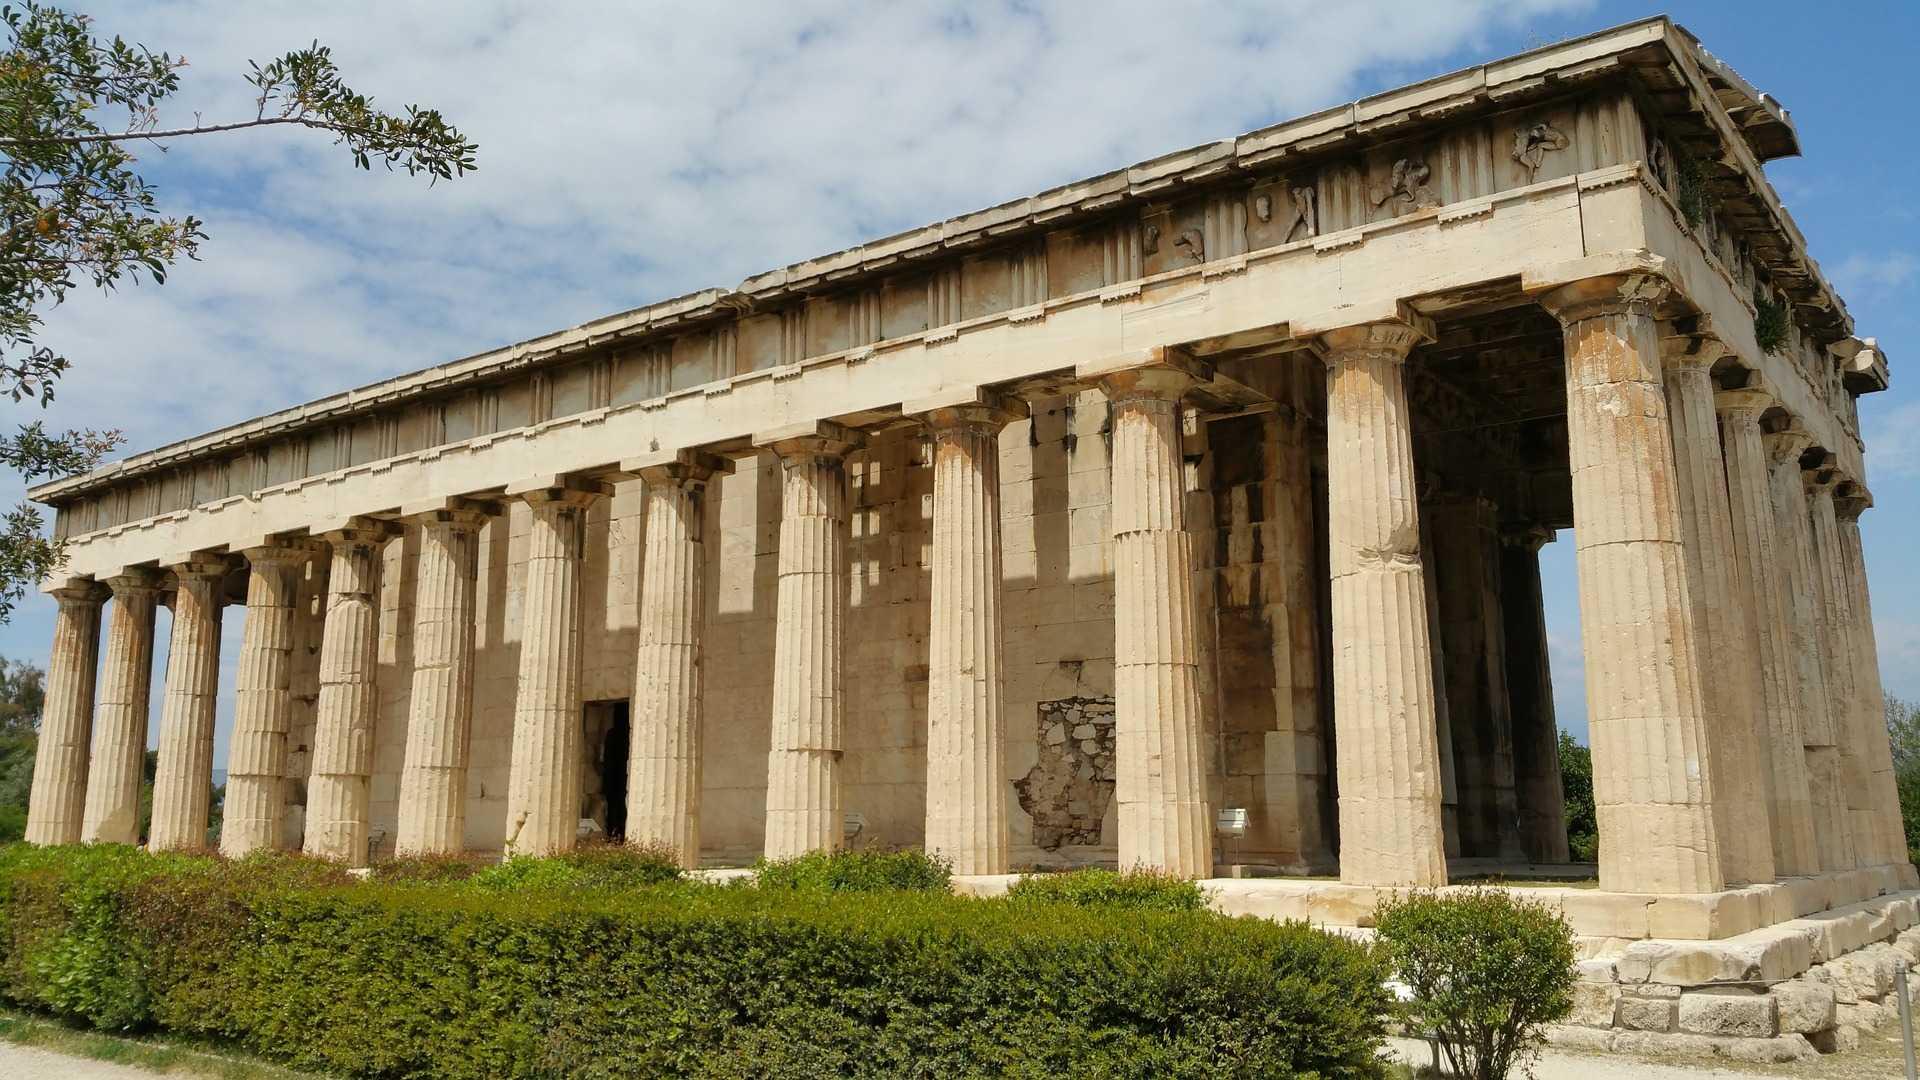 האגורה באתונה 2021 - המדריך השלם לאטרקציה הנפלאה של אתונה